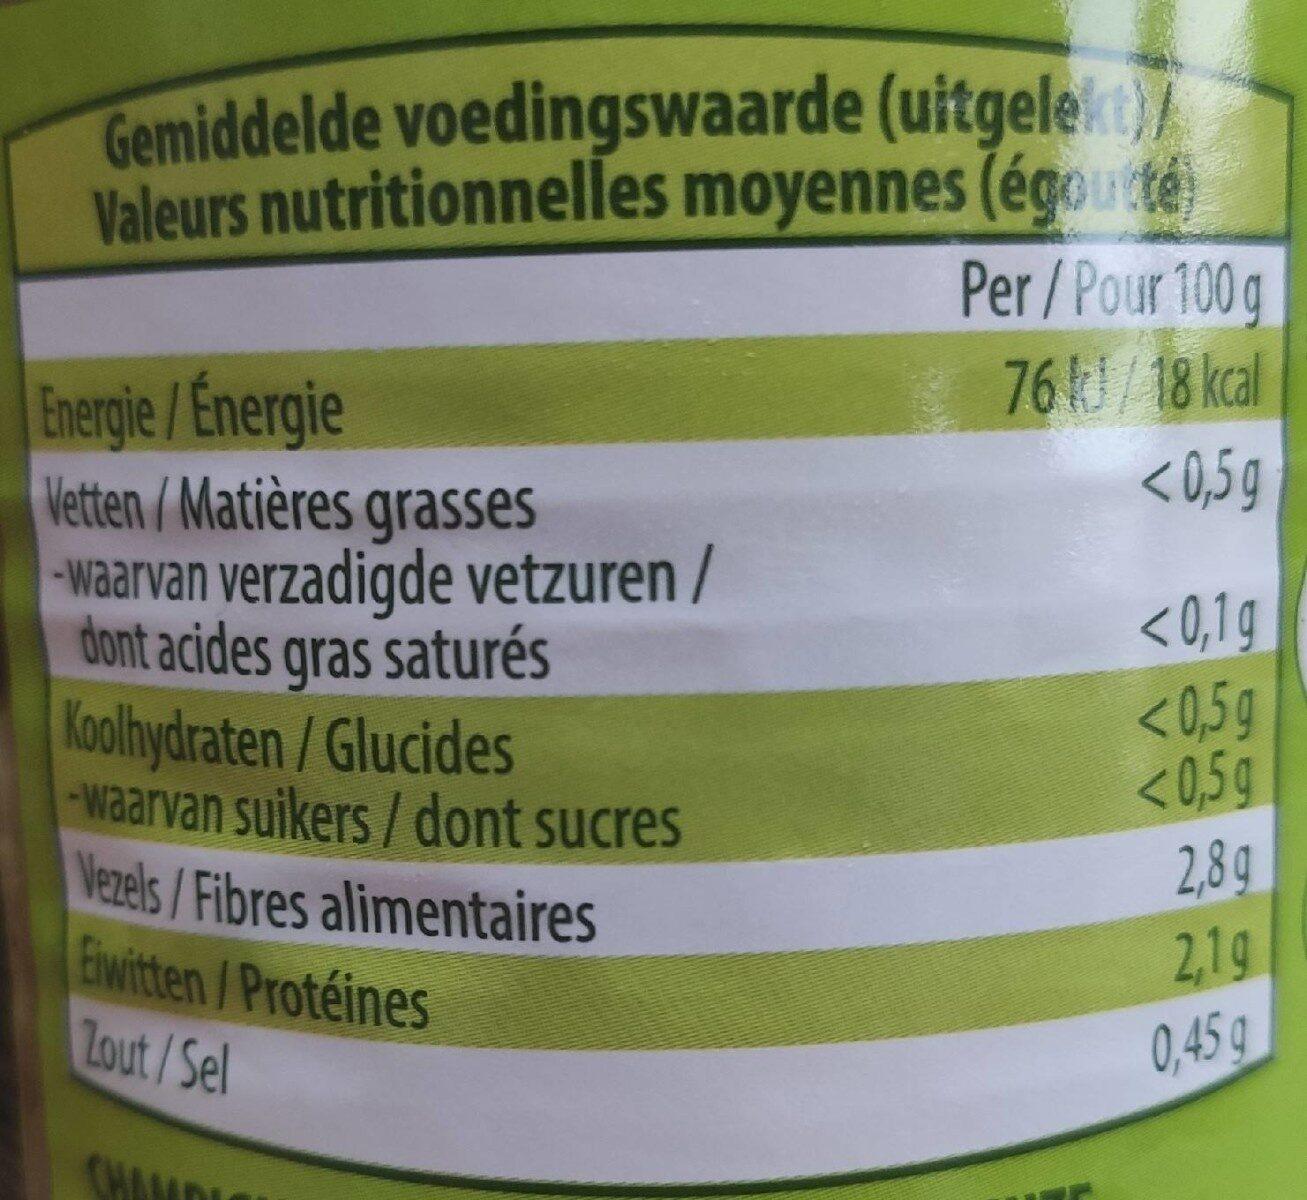 Champignons pieds et morceaux - Informations nutritionnelles - fr